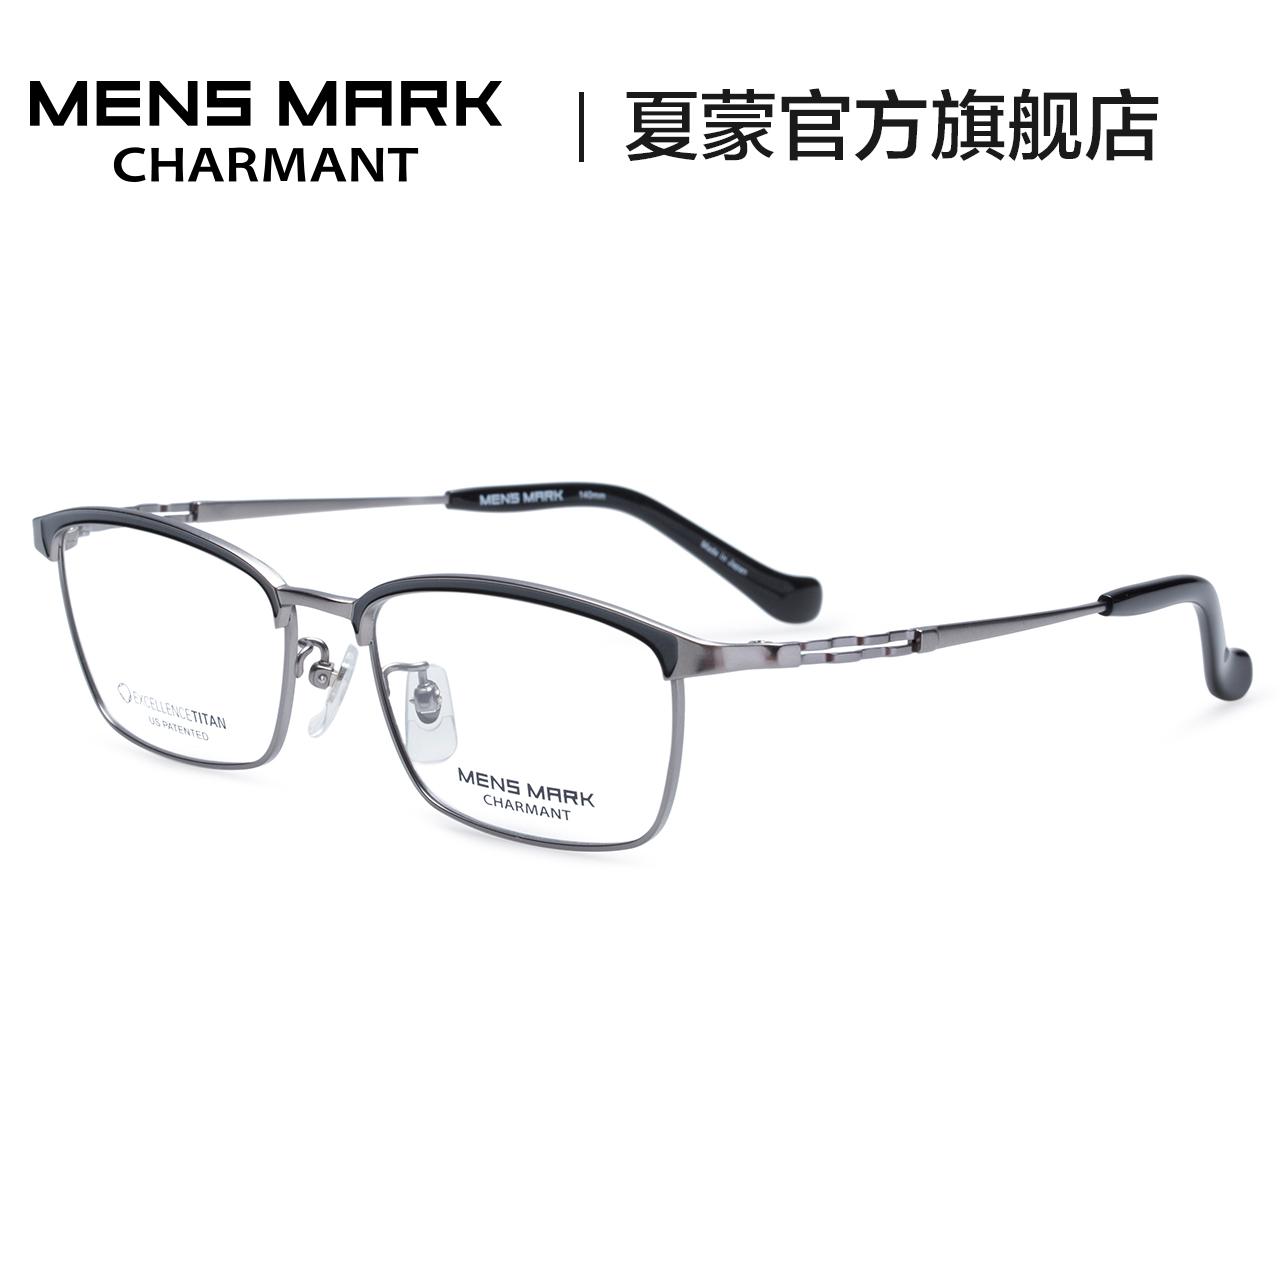 夏蒙眼镜架纯钛日系眼镜框男士文艺时尚复古EX钛框架可近视XM1169